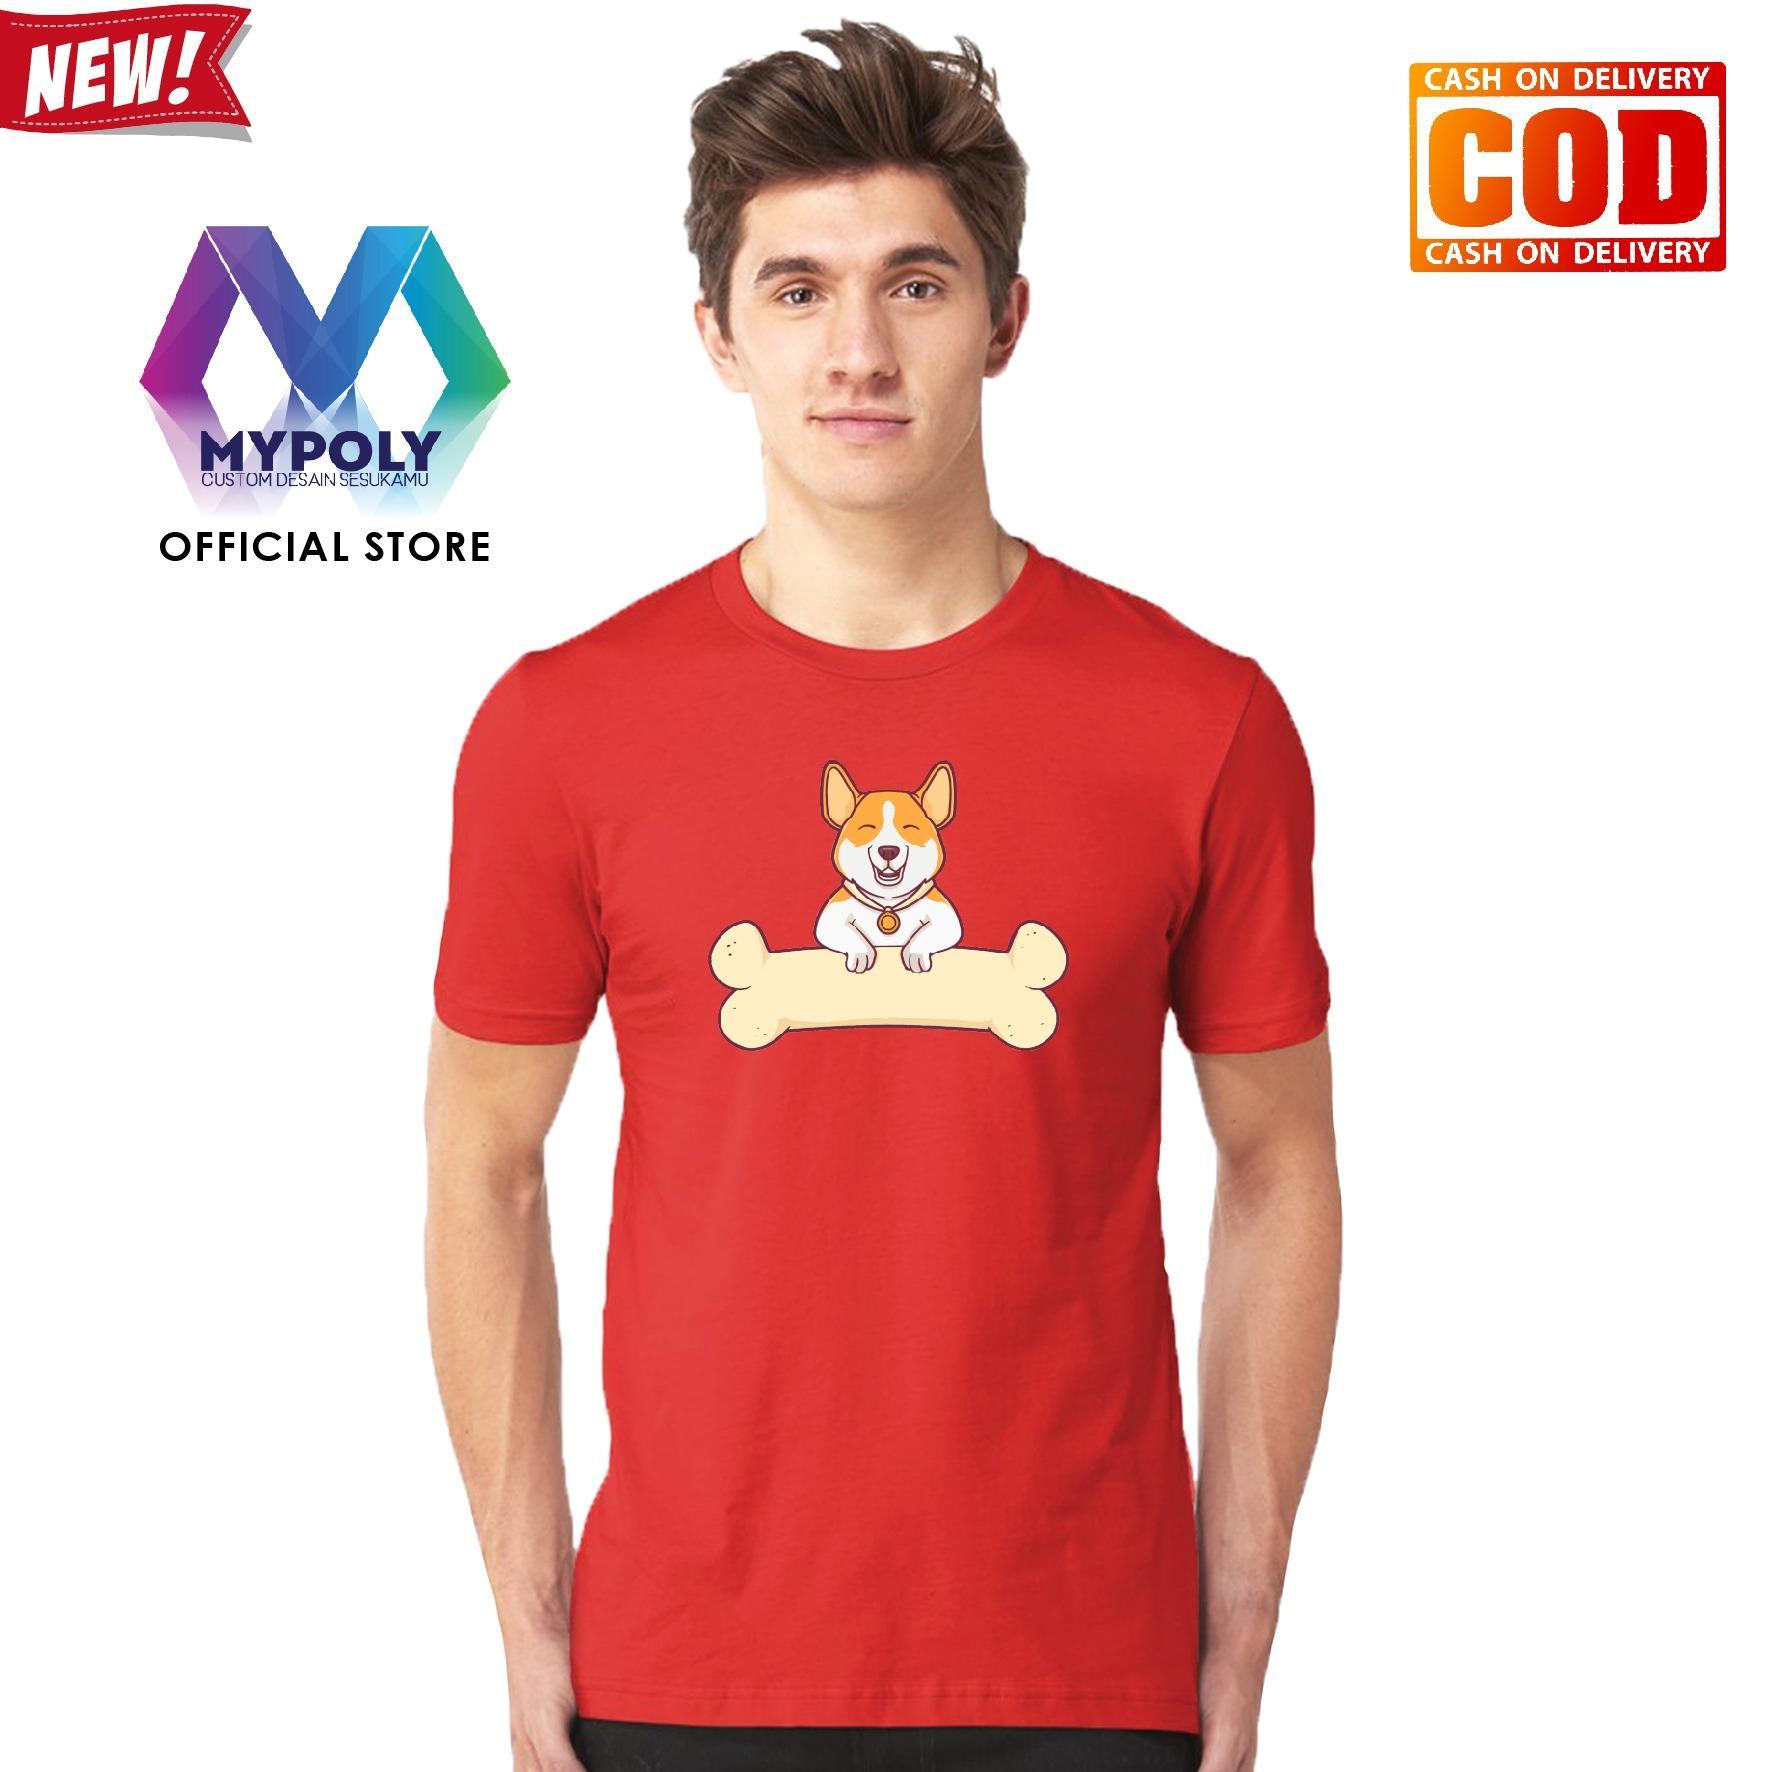 Kaos Premium Mypoly Pria Laki-Laki PL / Baju Couple Family Keluarga / Tshirt distro Anak Wanita / Fashion atasan / Kaos Pria Dewasa imlek02 smile dog